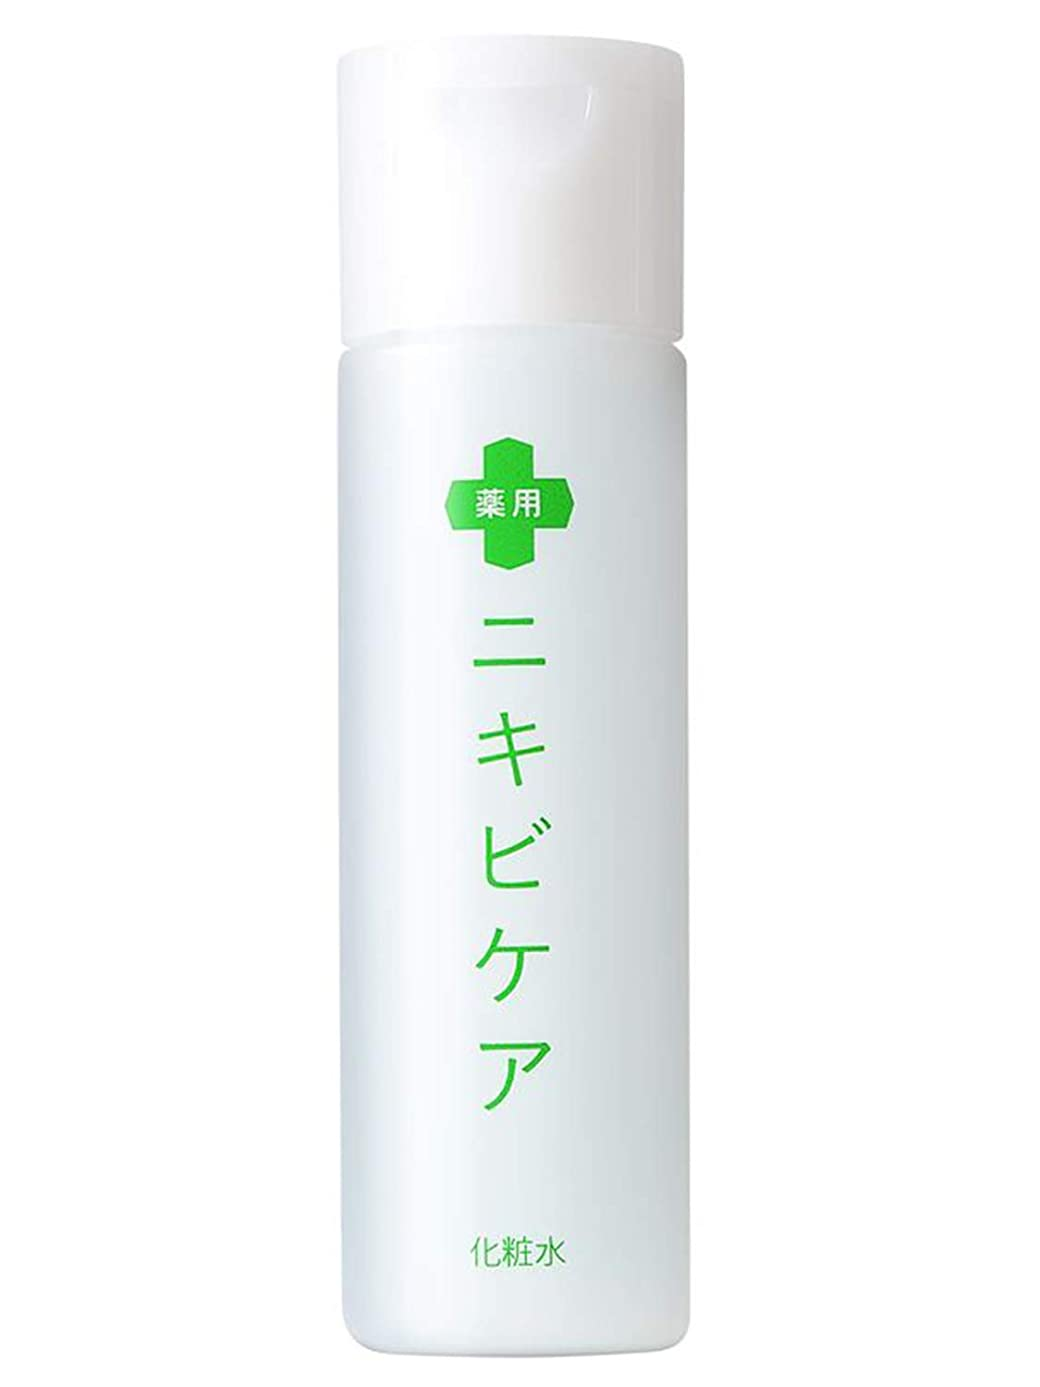 カメ凍ったアジア人医薬部外品 薬用 ニキビケア 化粧水 大人ニキビ 予防「 あご おでこ 鼻 ニキビ アクネ 対策」「 肌をひきしめサラサラに 」「 コラーゲン プラセンタ 配合 」 メンズ & レディース 120ml